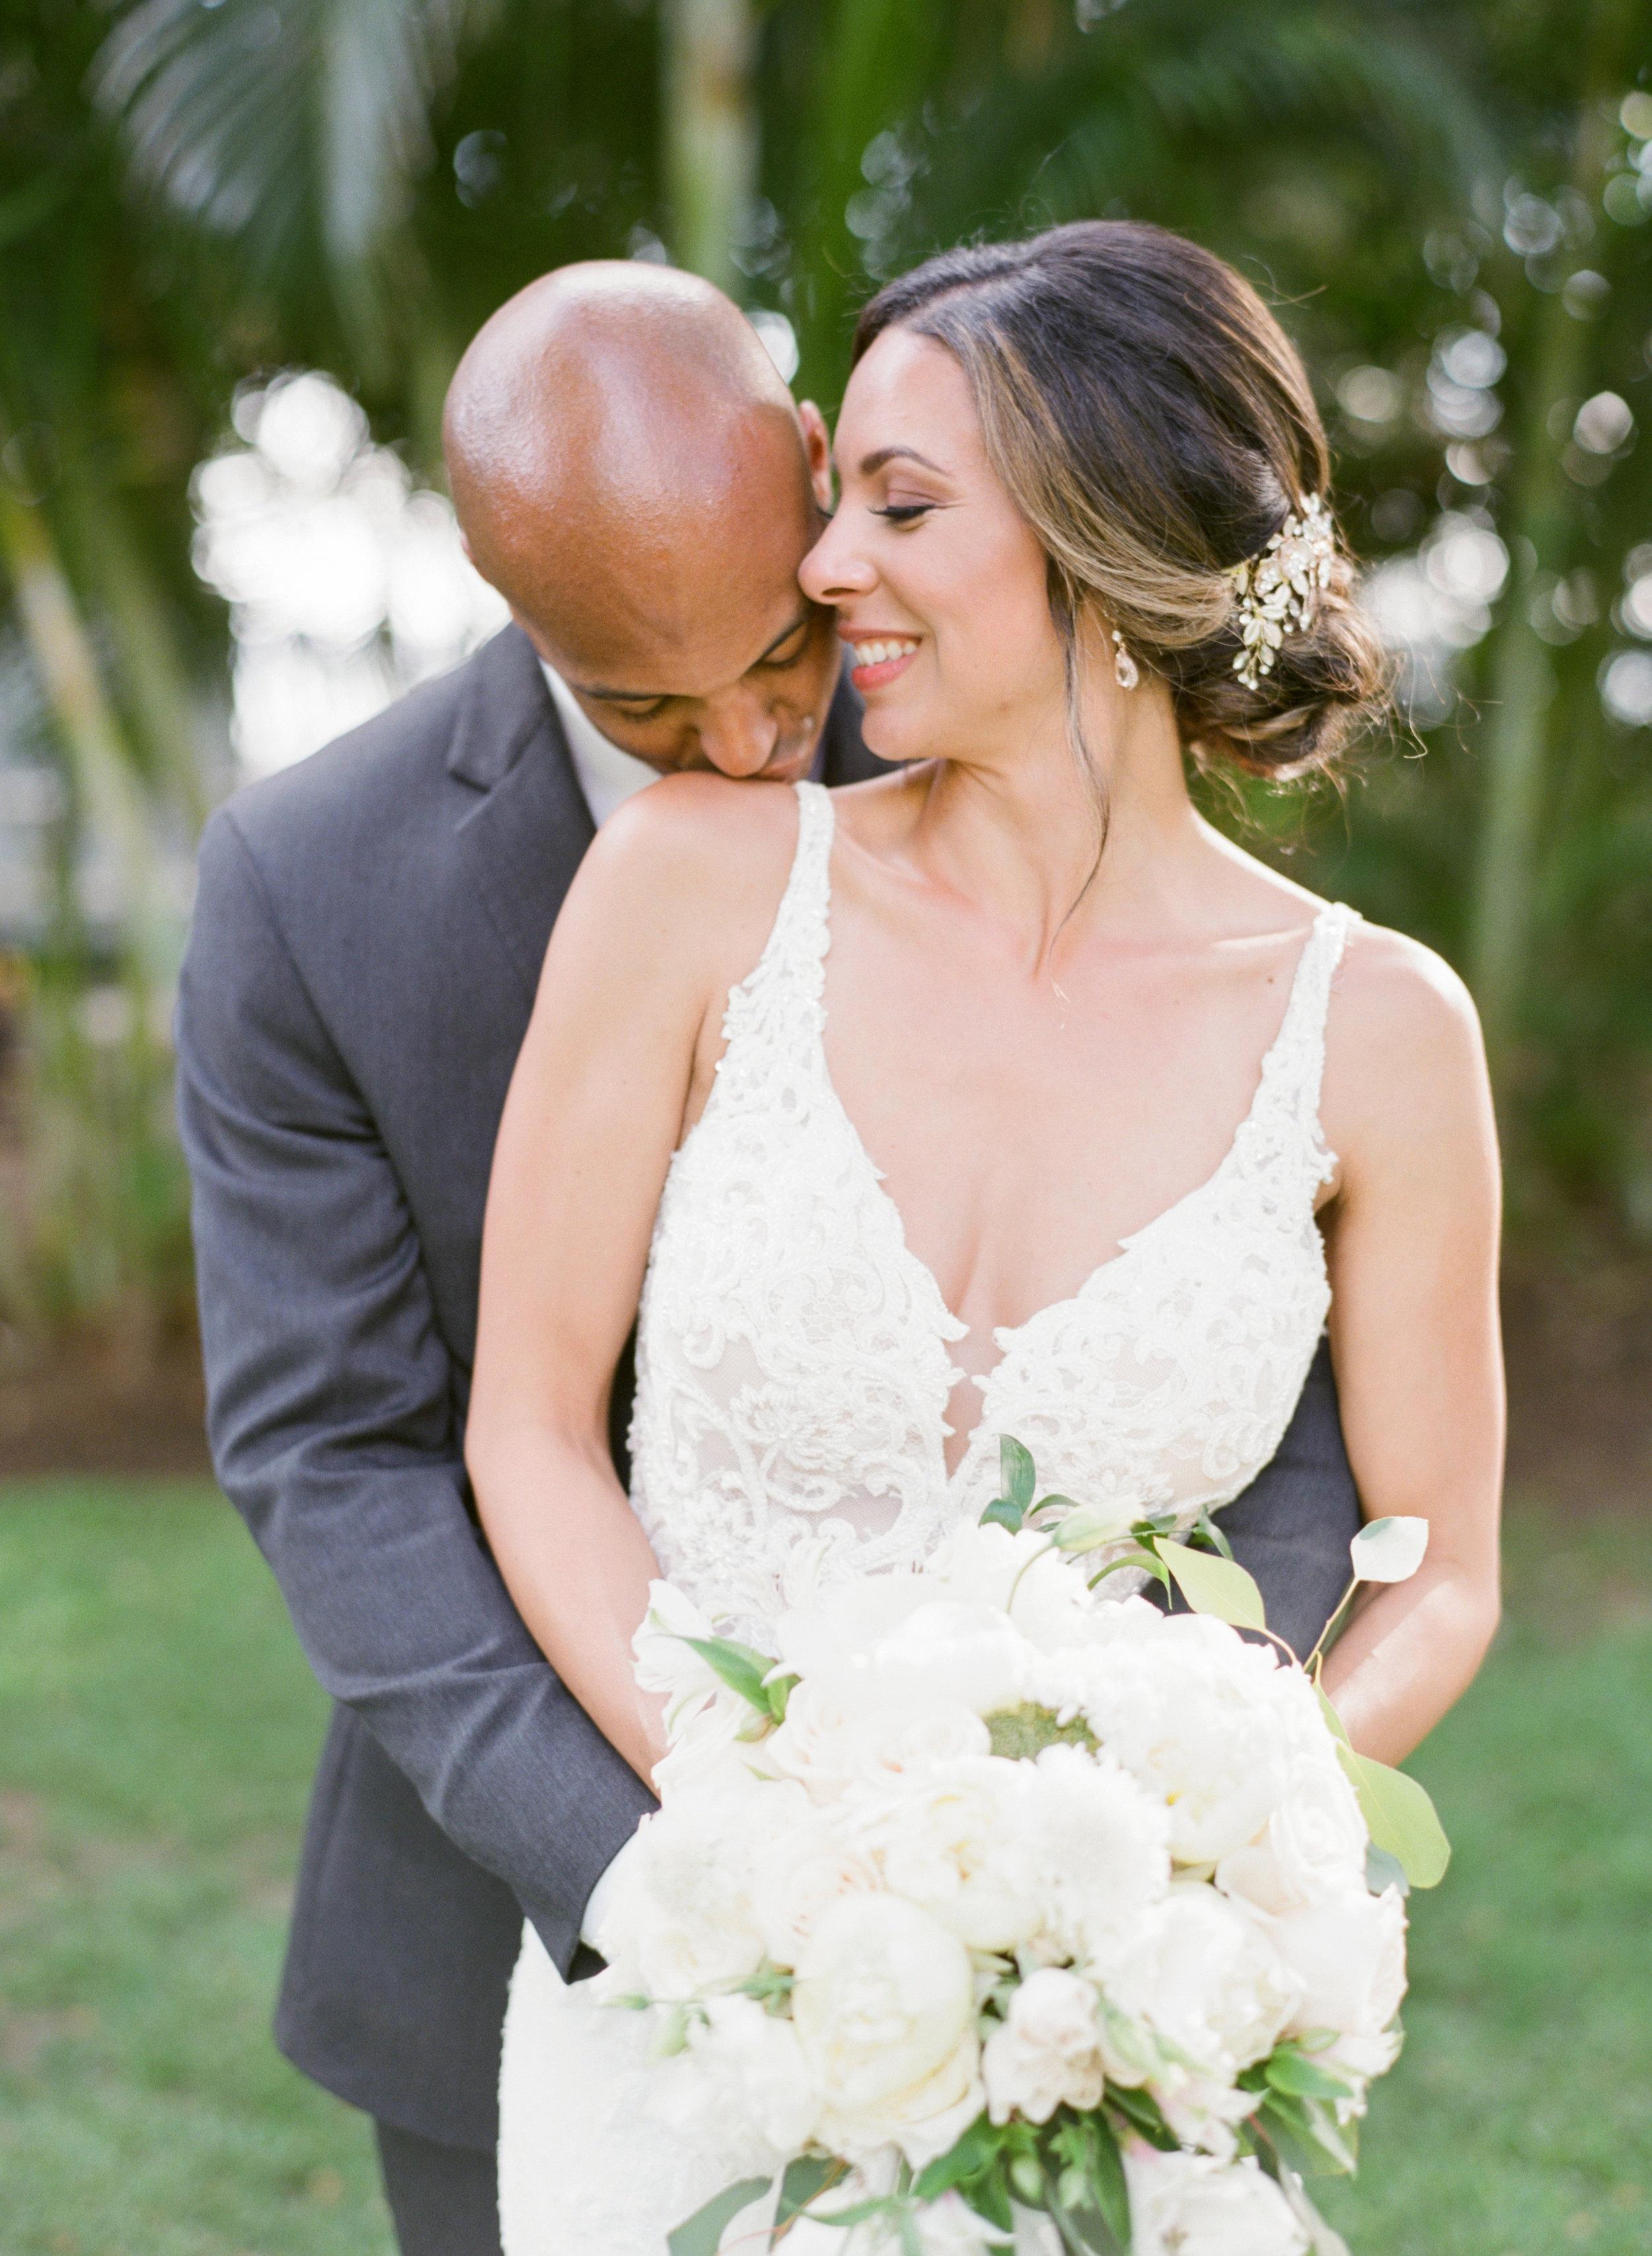 Olowalu-plantation-house-maui-hawaii-wedding-166.jpg